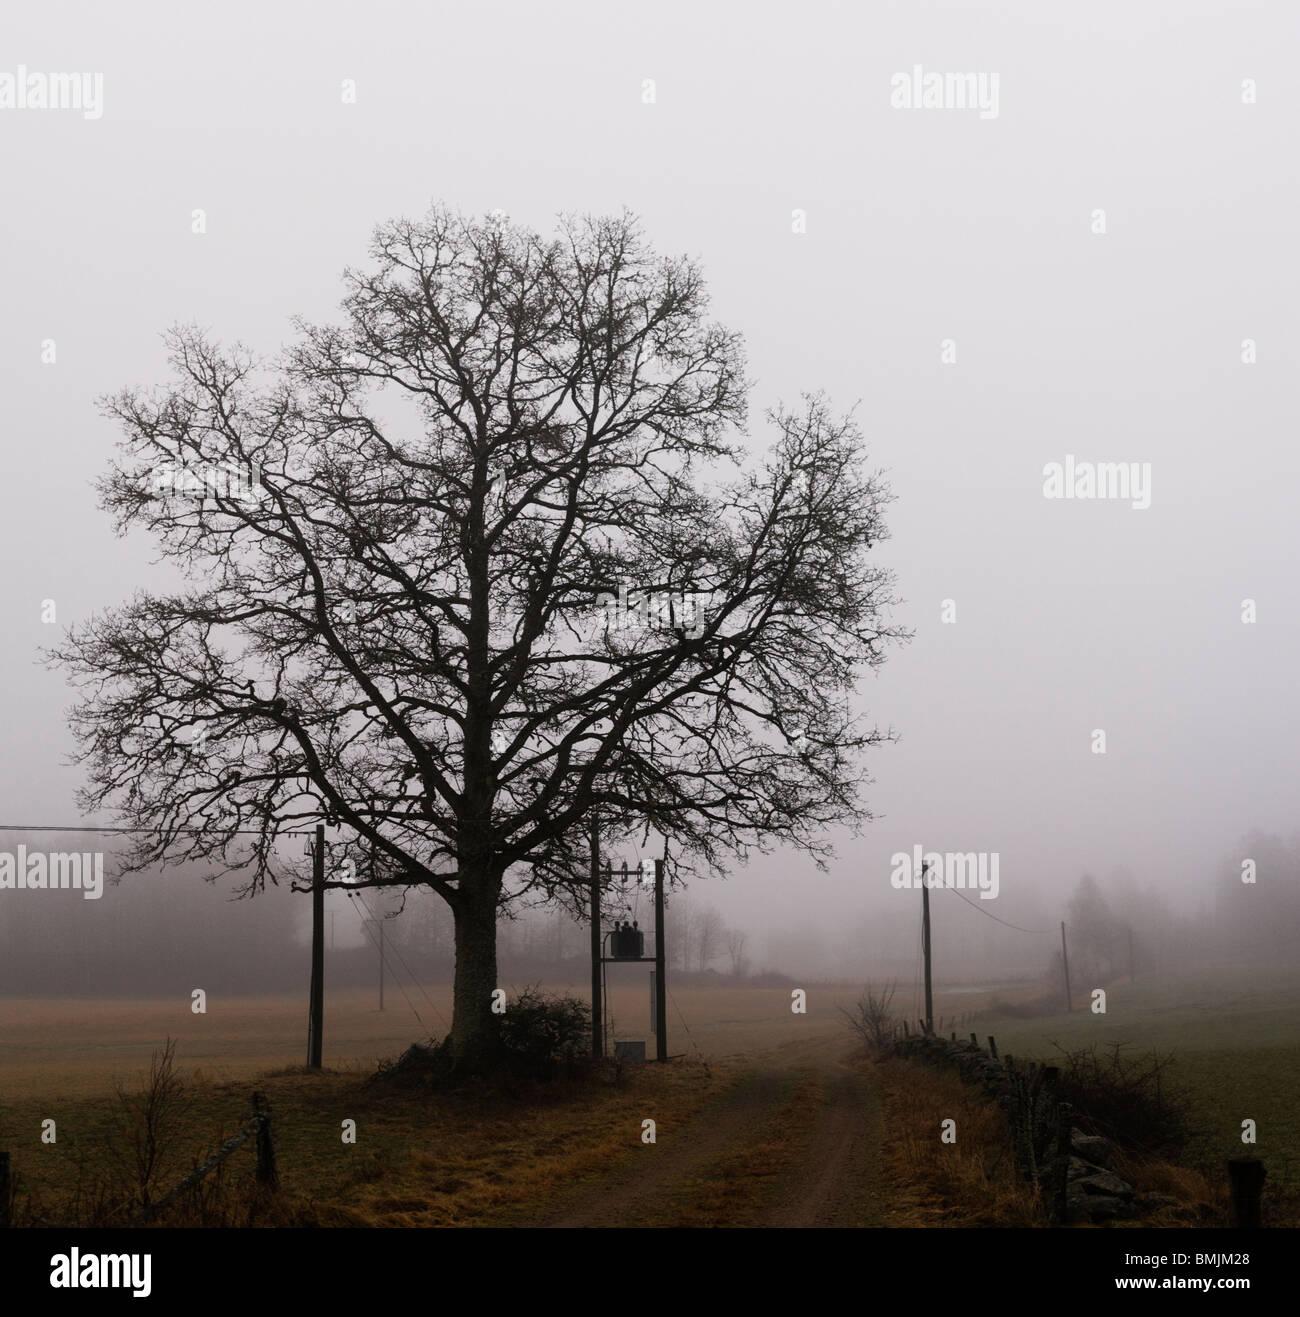 Scandinavian Peninsula, Sweden, Skane, View of oak tree in misty landscape - Stock Image